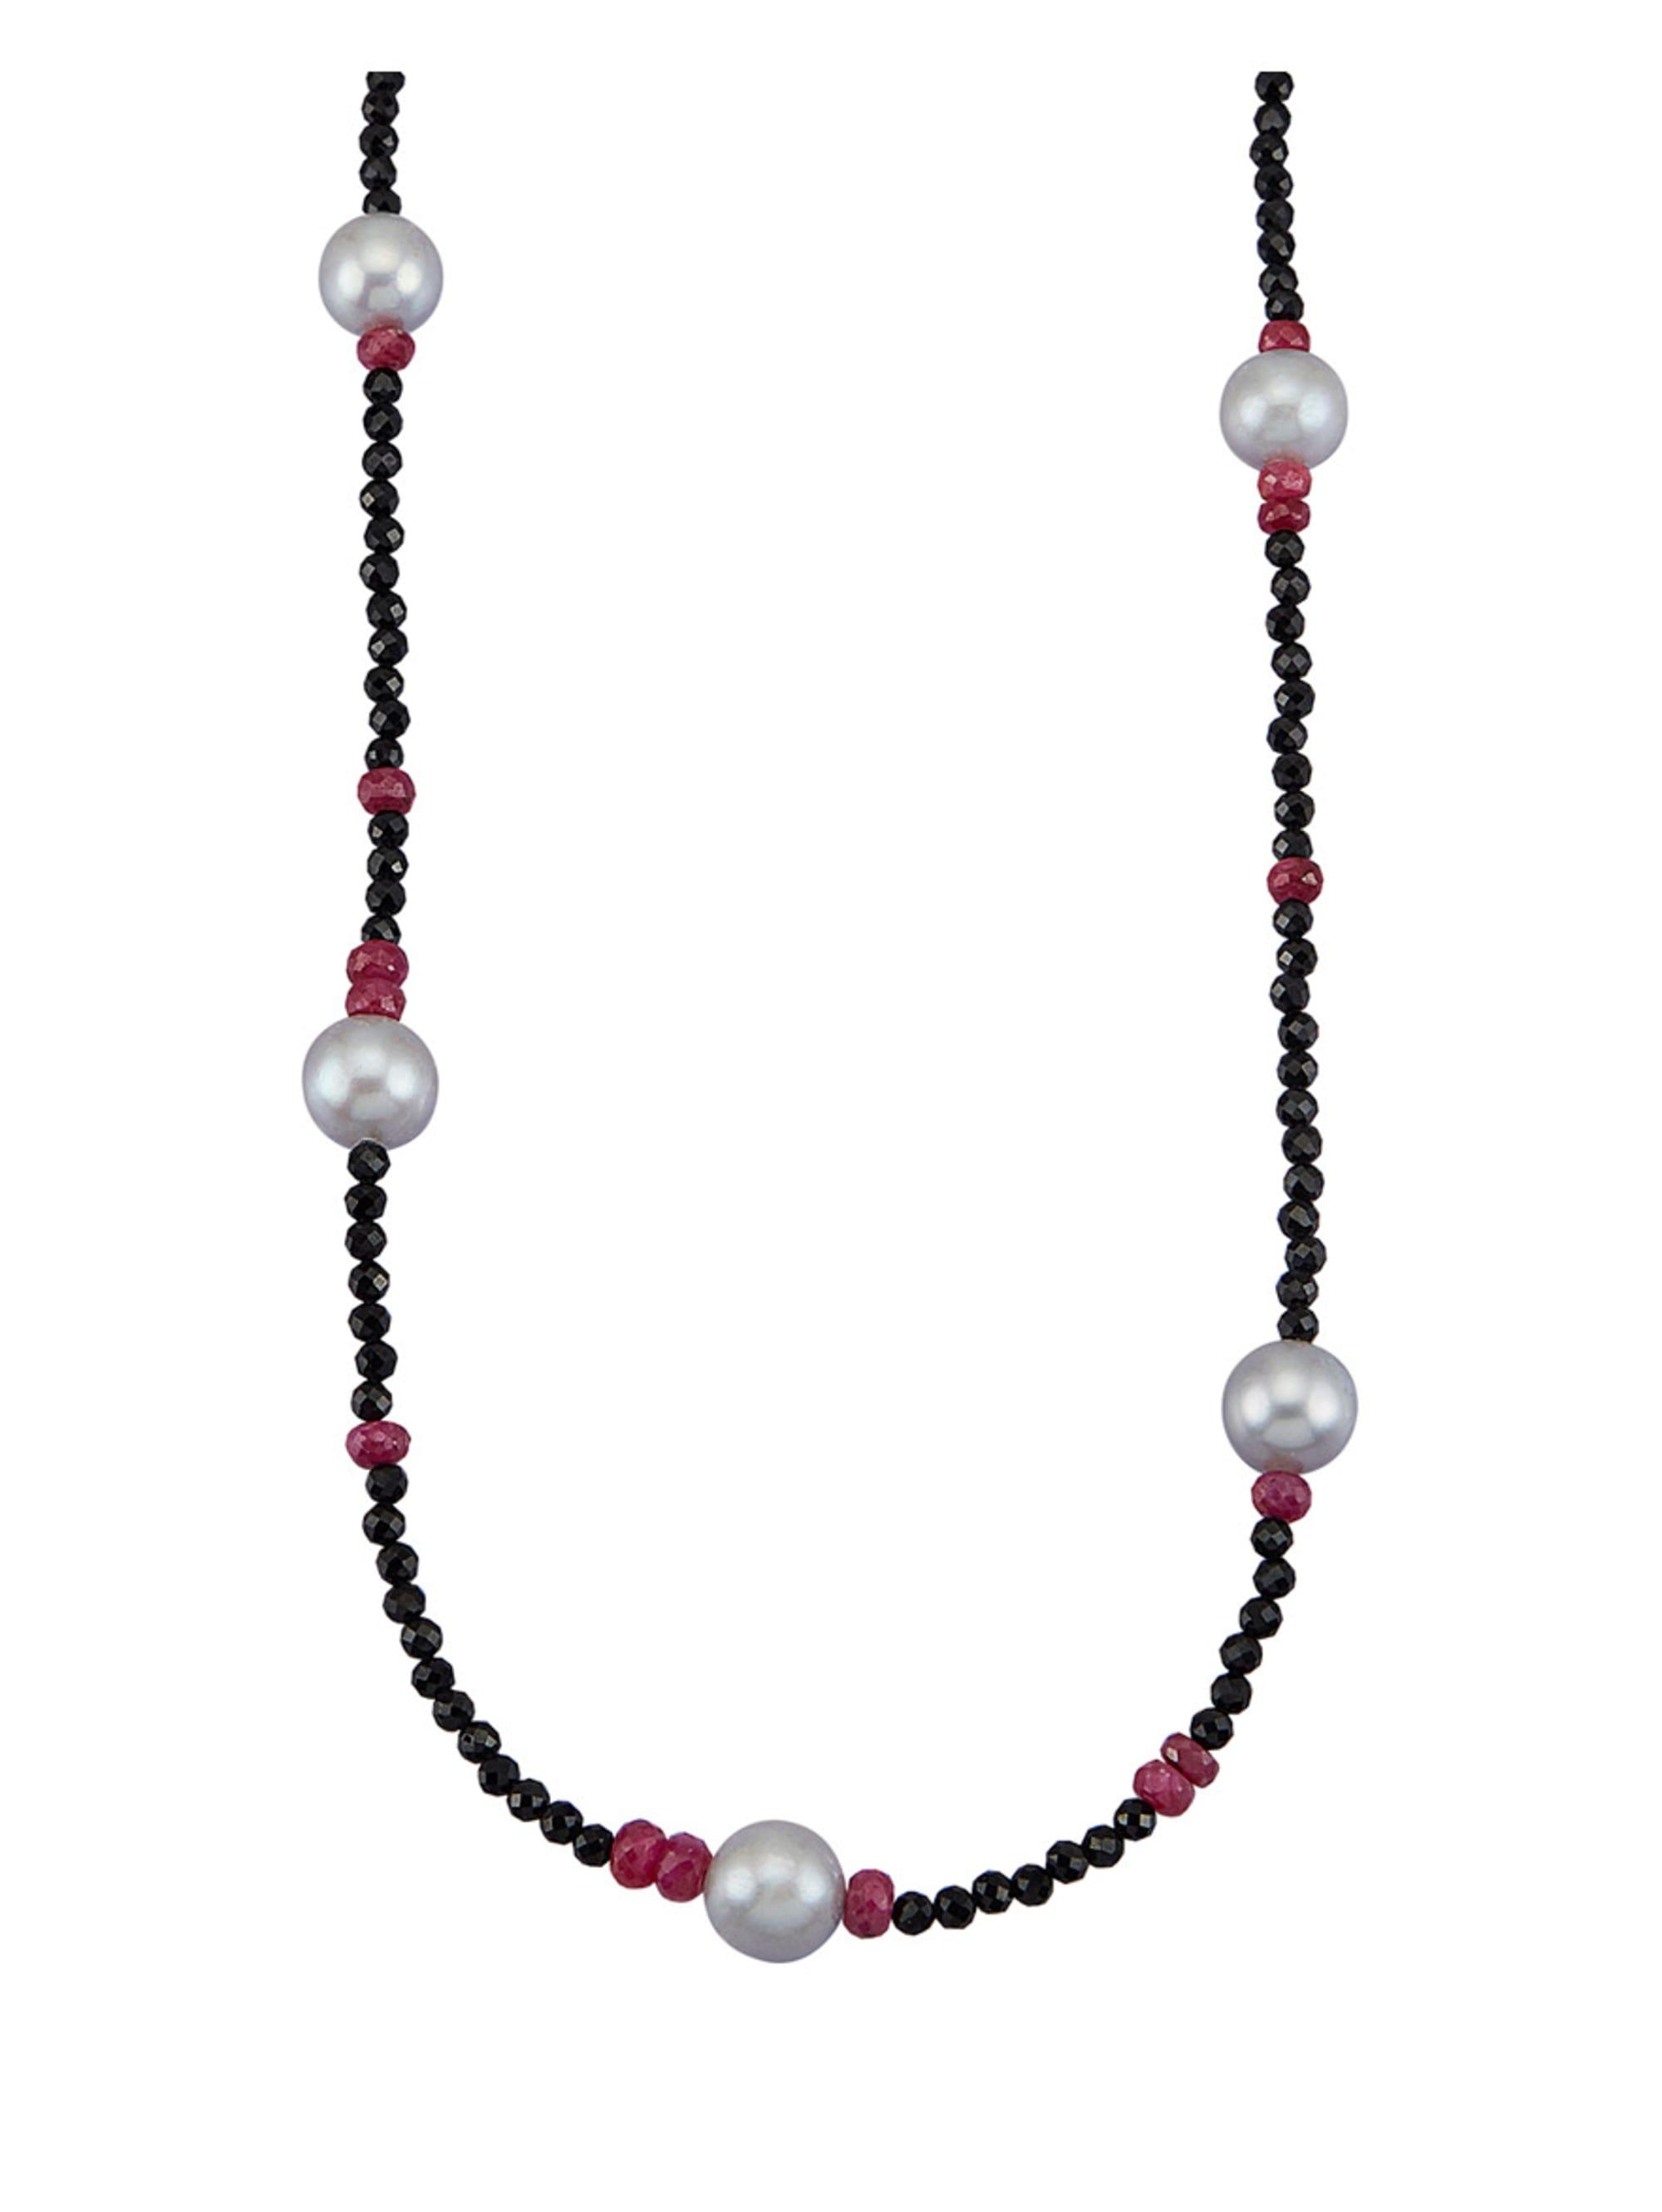 Diemer Farbstein Halskette aus Spinell 2K6cr